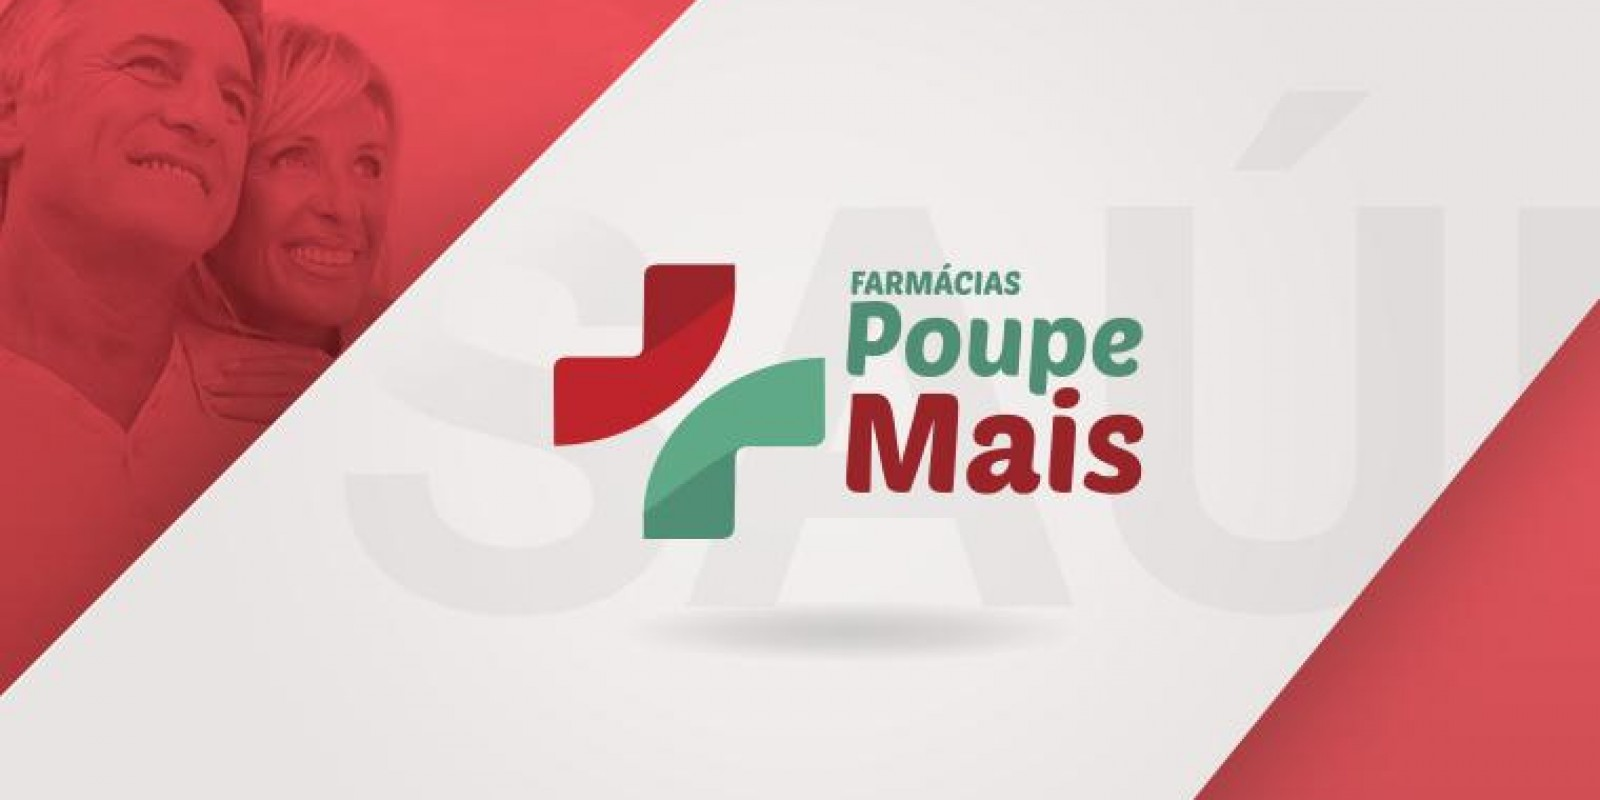 Farmácias Poupemais - Centro